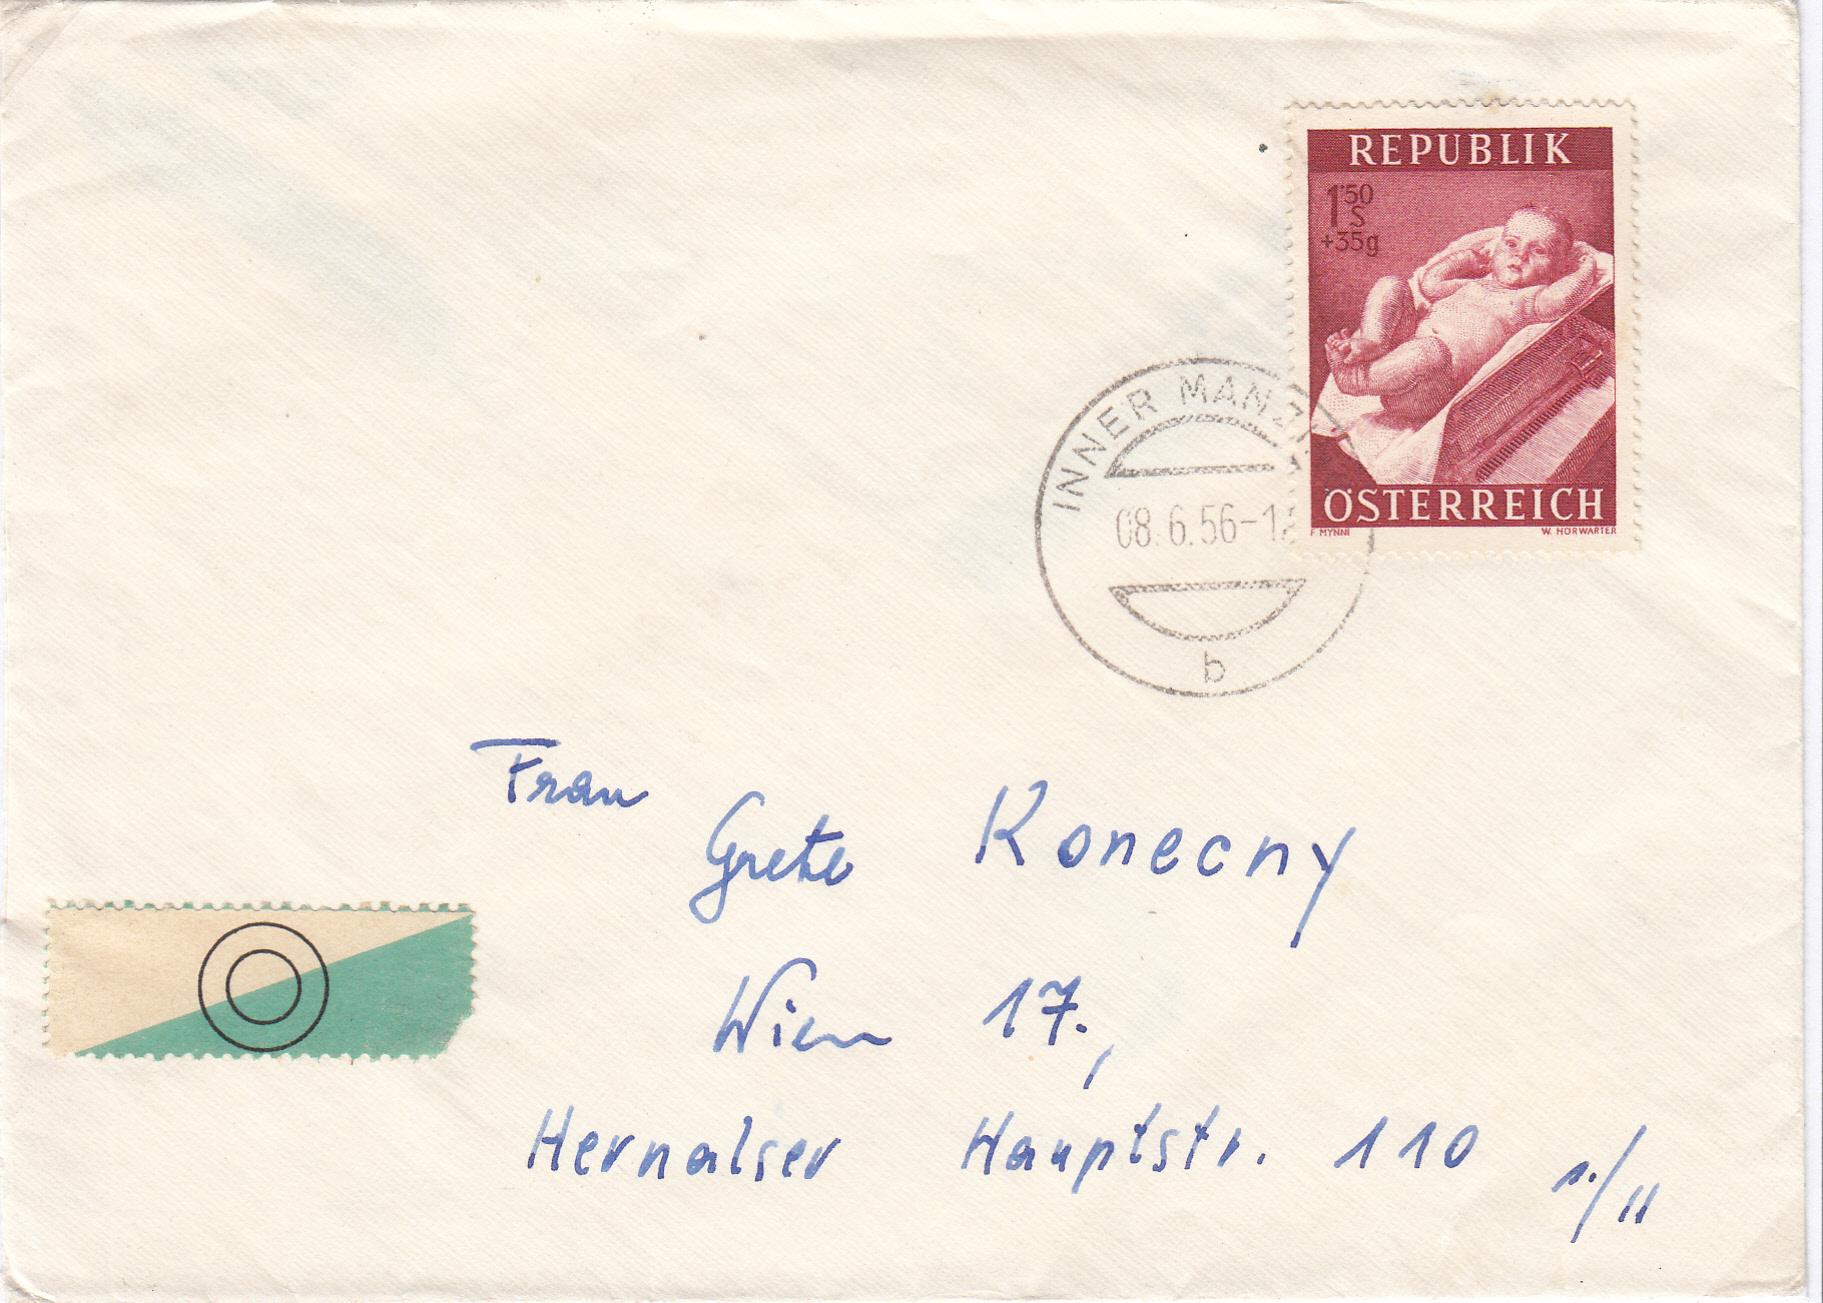 Sammlung Bedarfsbriefe Österreich ab 1945 - Seite 12 Img_0166